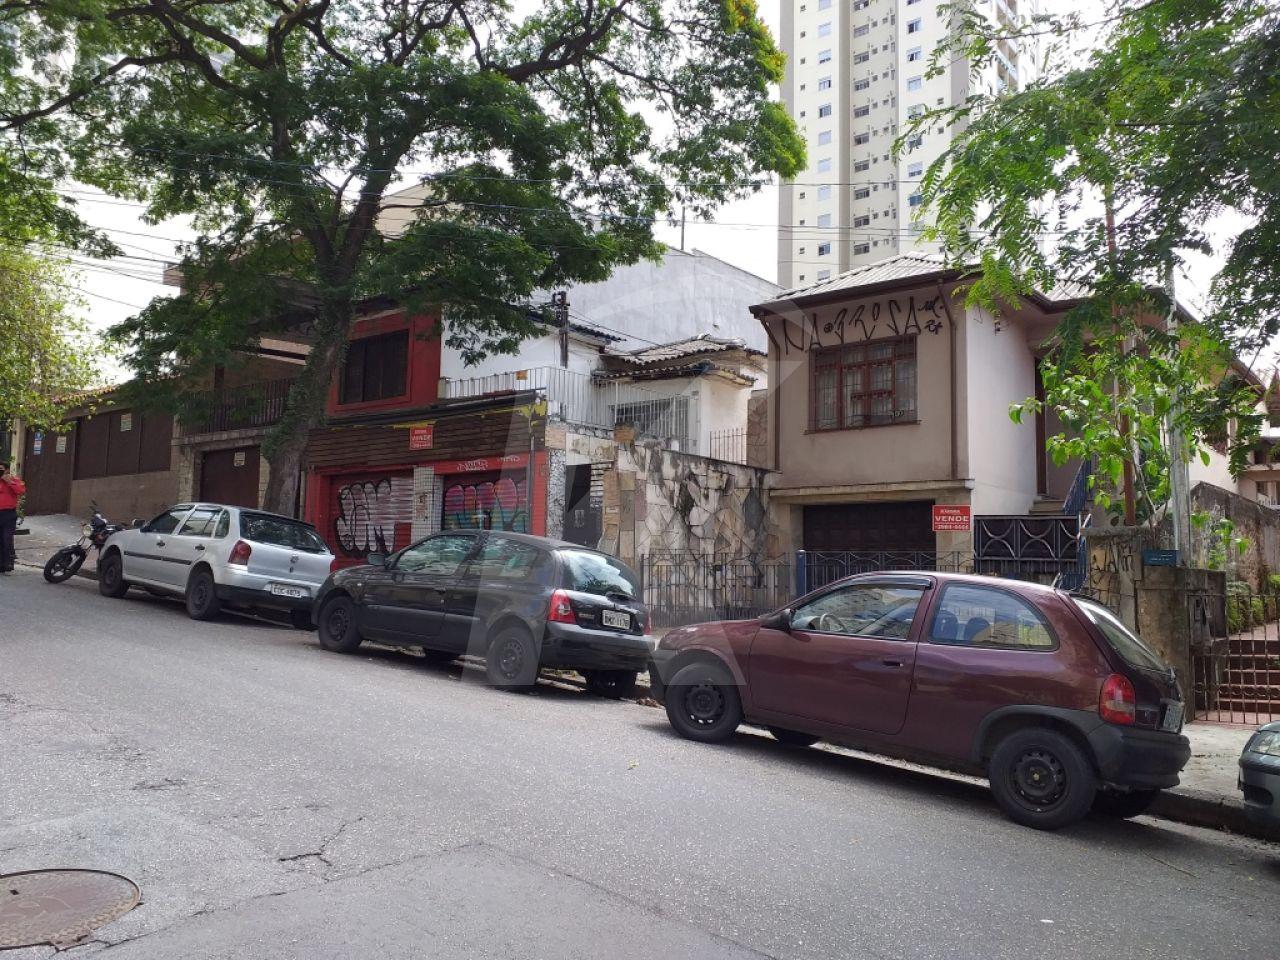 Terreno Santana -  Dormitório(s) - São Paulo - SP - REF. KA12330